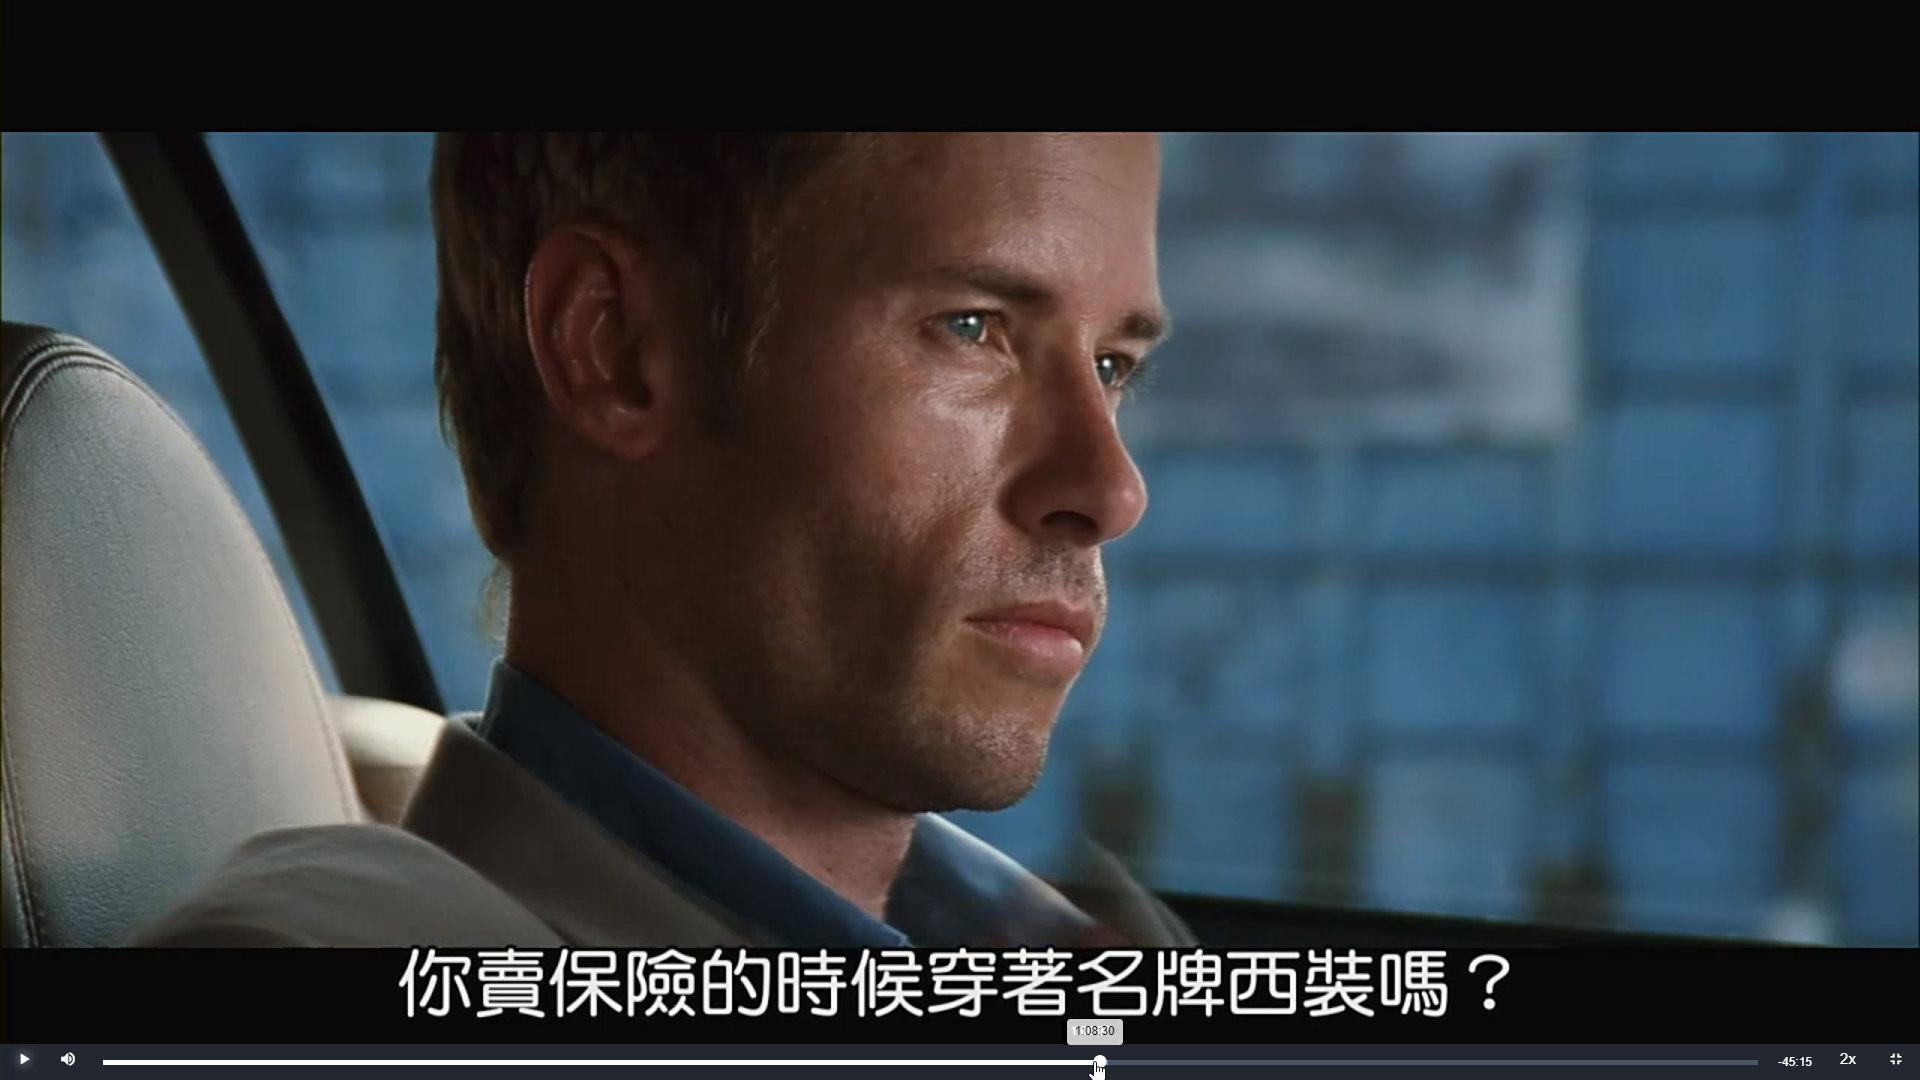 [感想] 電影-記憶拼圖 Memento (2000) 整理順序劇情&爭議討論-106.jpg